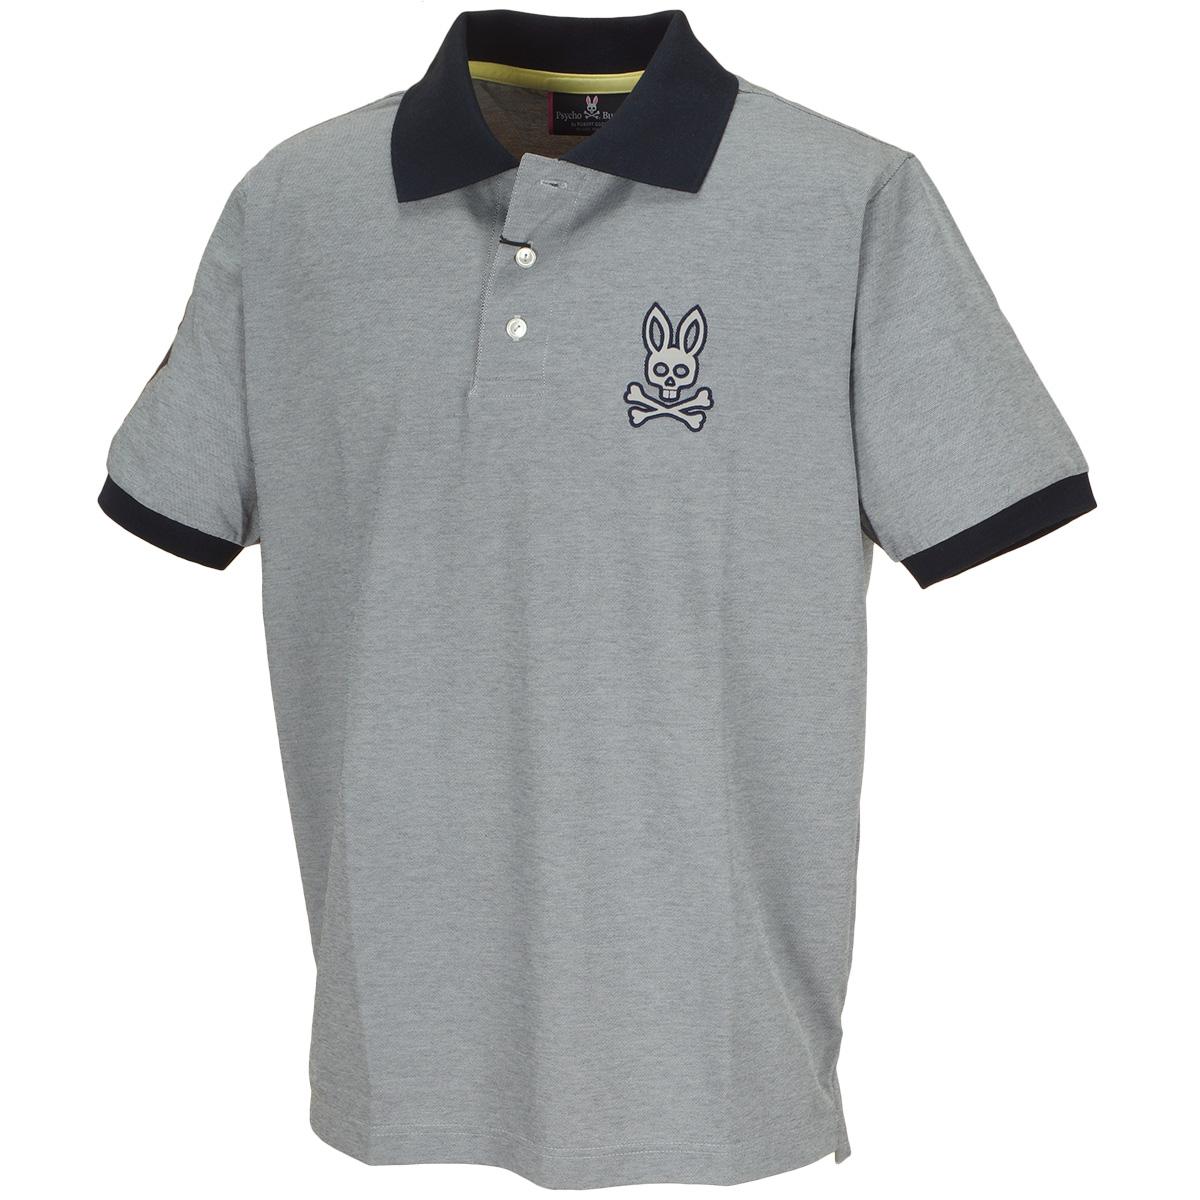 ナンバリング 半袖ポロシャツ